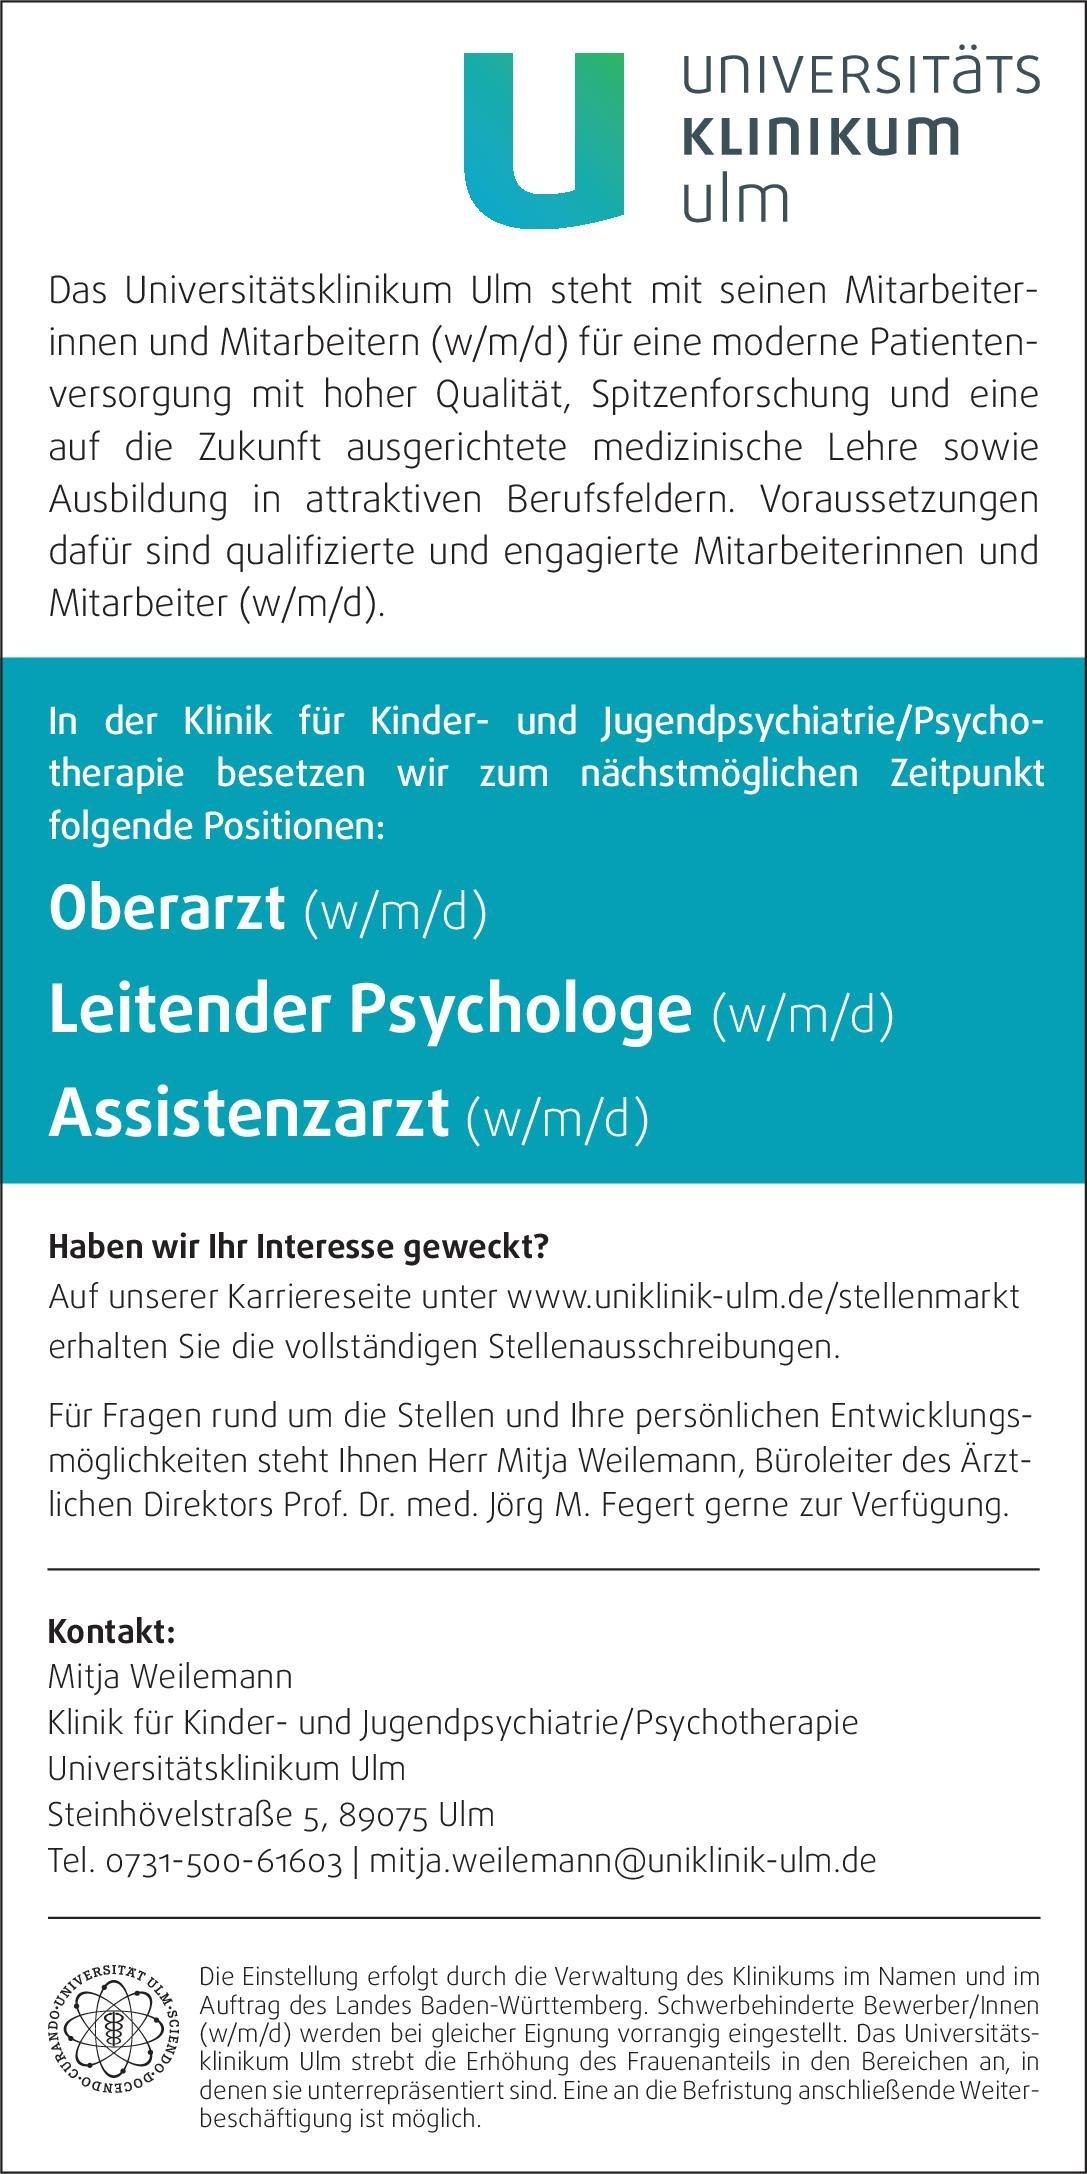 Universitätsklinikum Ulm Oberarzt (w/m/d) Kinder- und Jugendpsychiatrie Kinder- und Jugendpsychiatrie und -psychotherapie Oberarzt